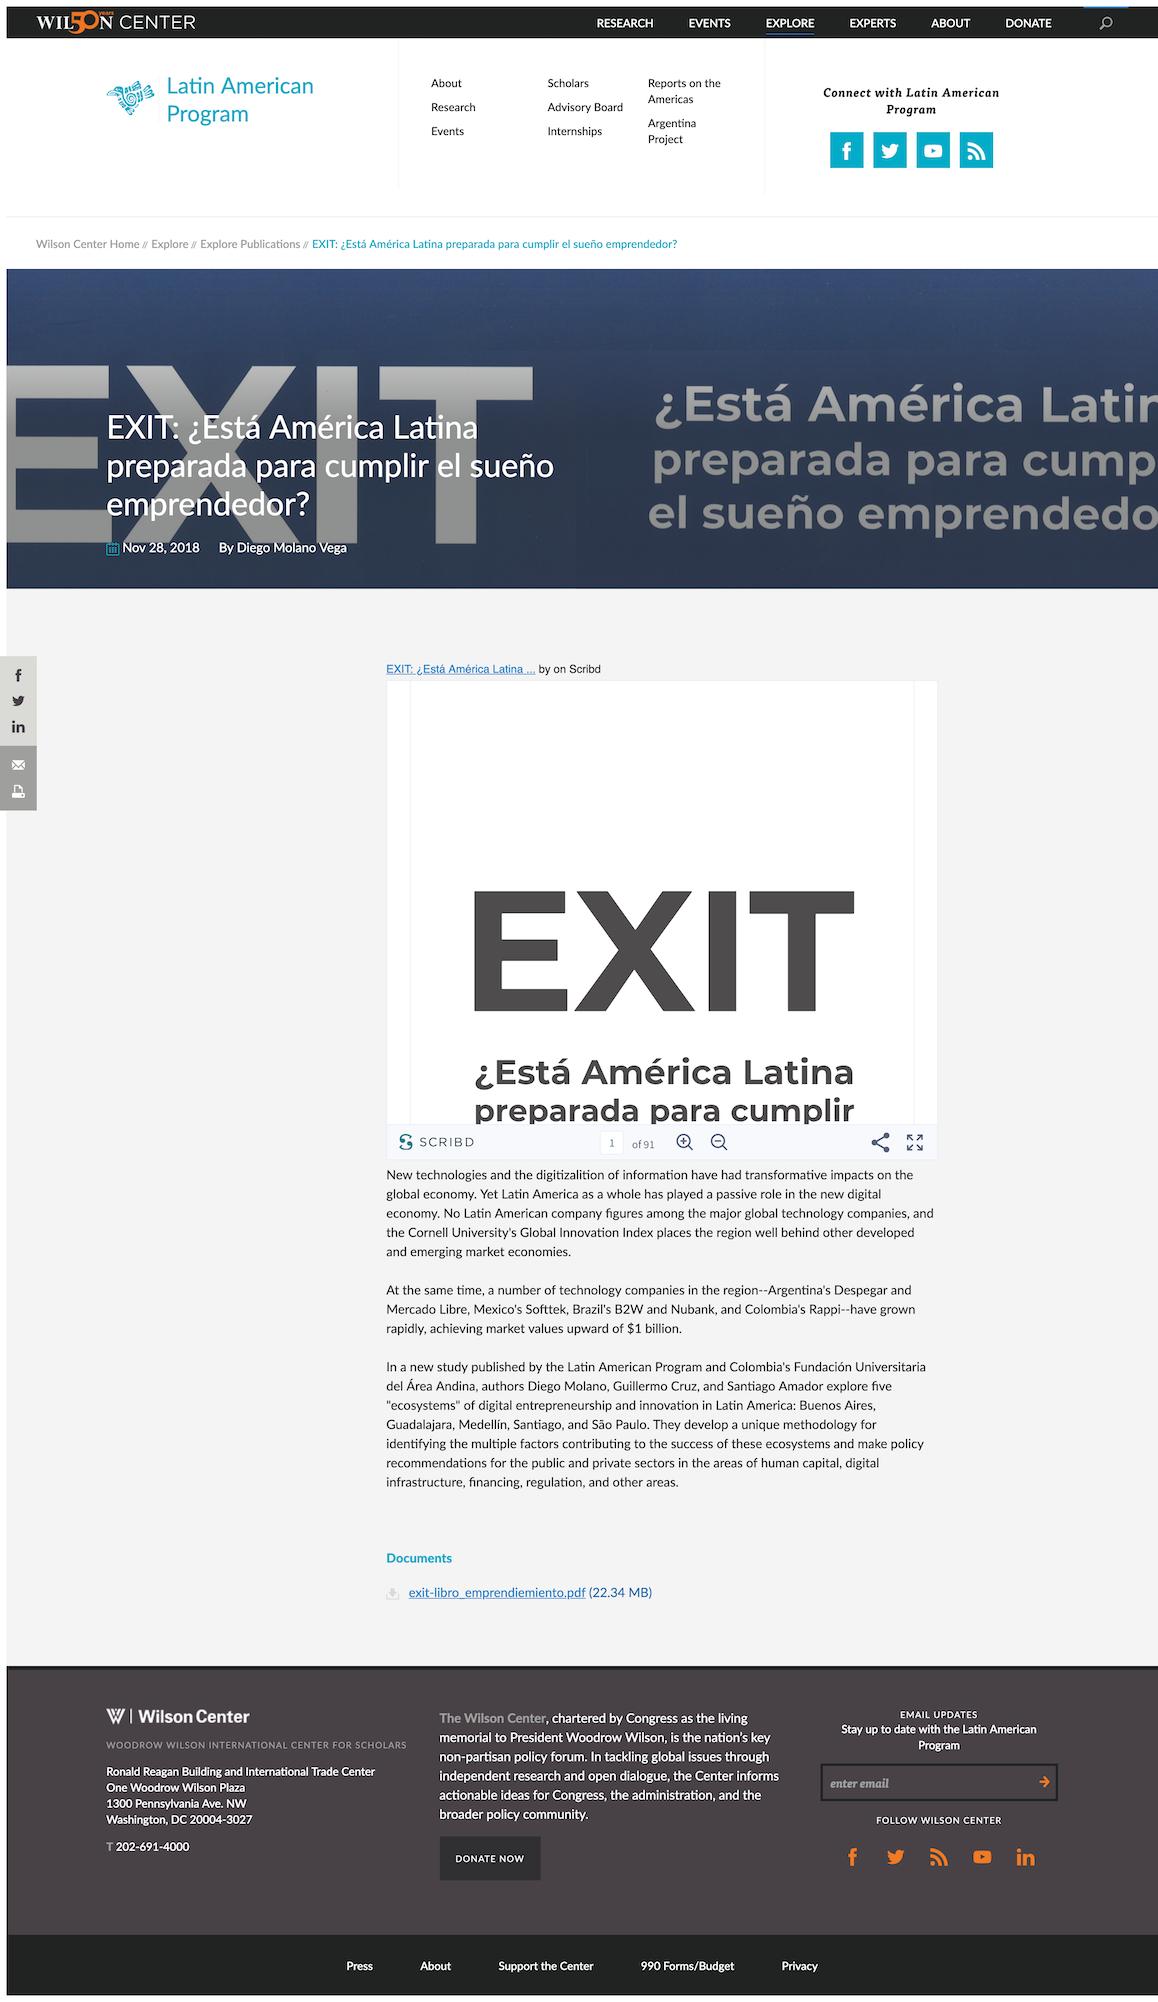 AE screencapture-wilsoncenter-org-publication-exit-esta-america-latina-preparada-para-cumplir-el-sueno-emprendedor-2019-07-09-12_41_50